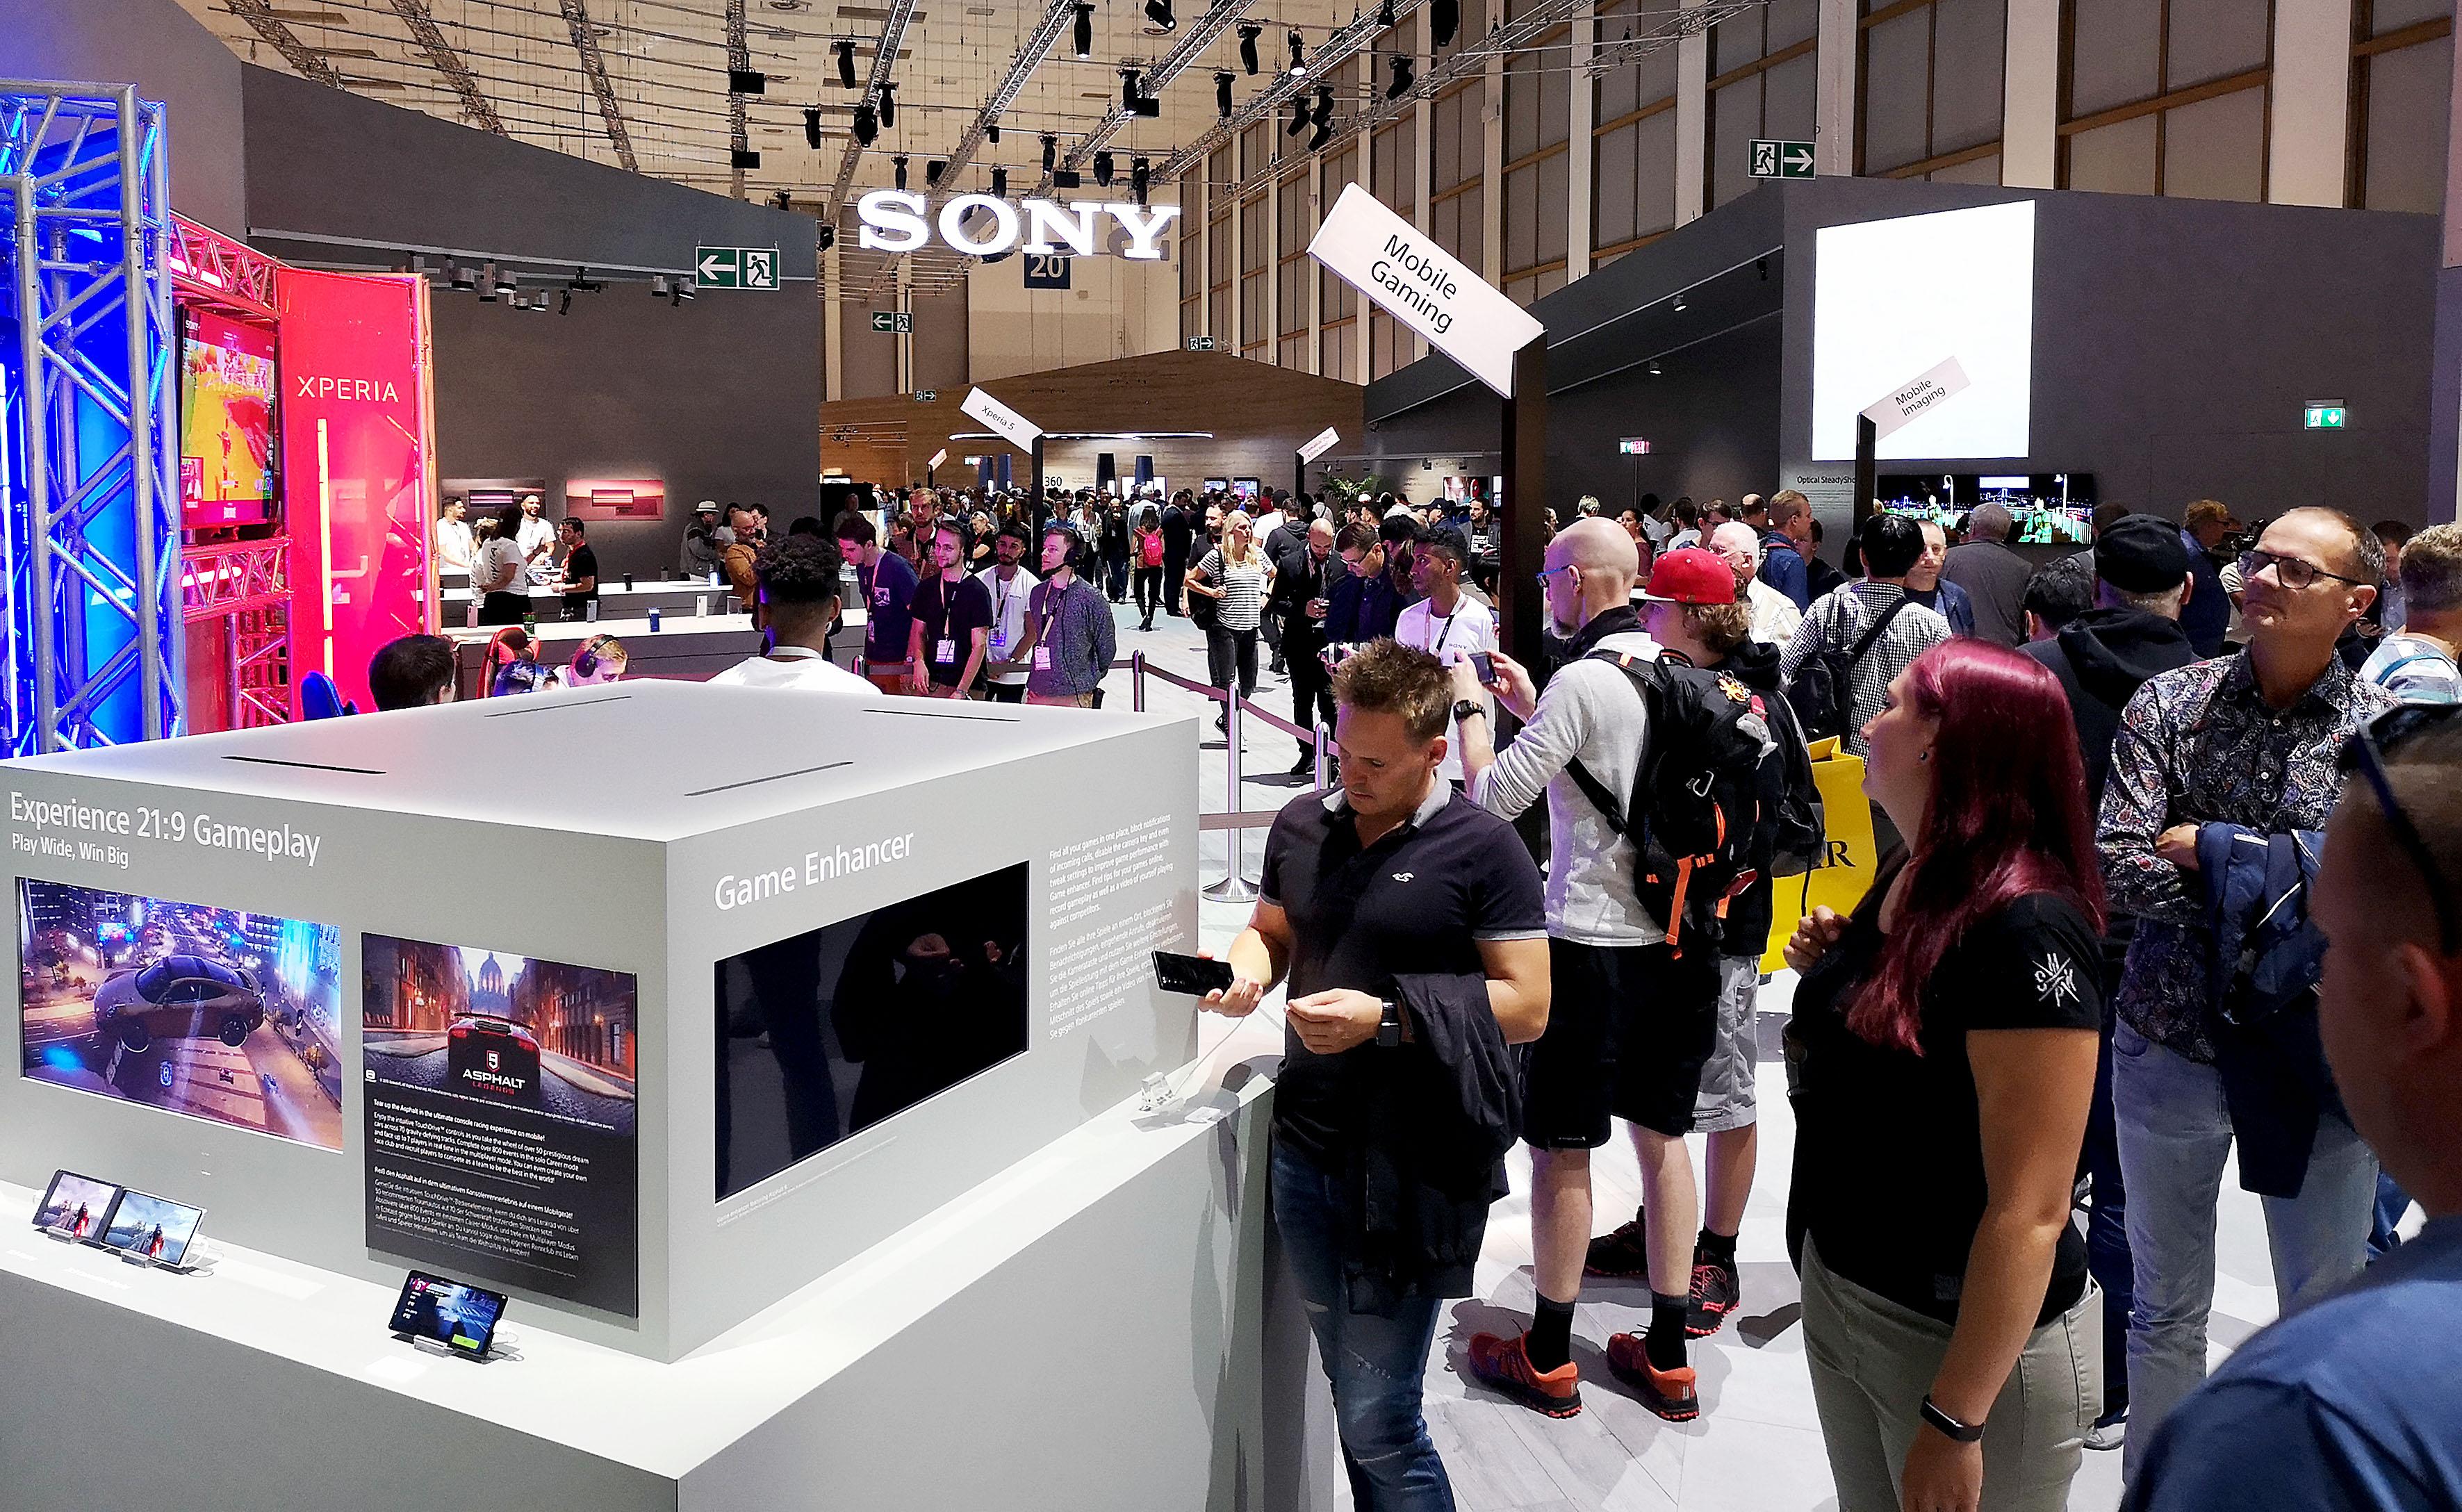 Foto: Michael B. Rehders - In der gut gefüllten Messehalle 20 zeigt Sony, was es unter anderem neues gibt an TV-Geräten und Smartphones.